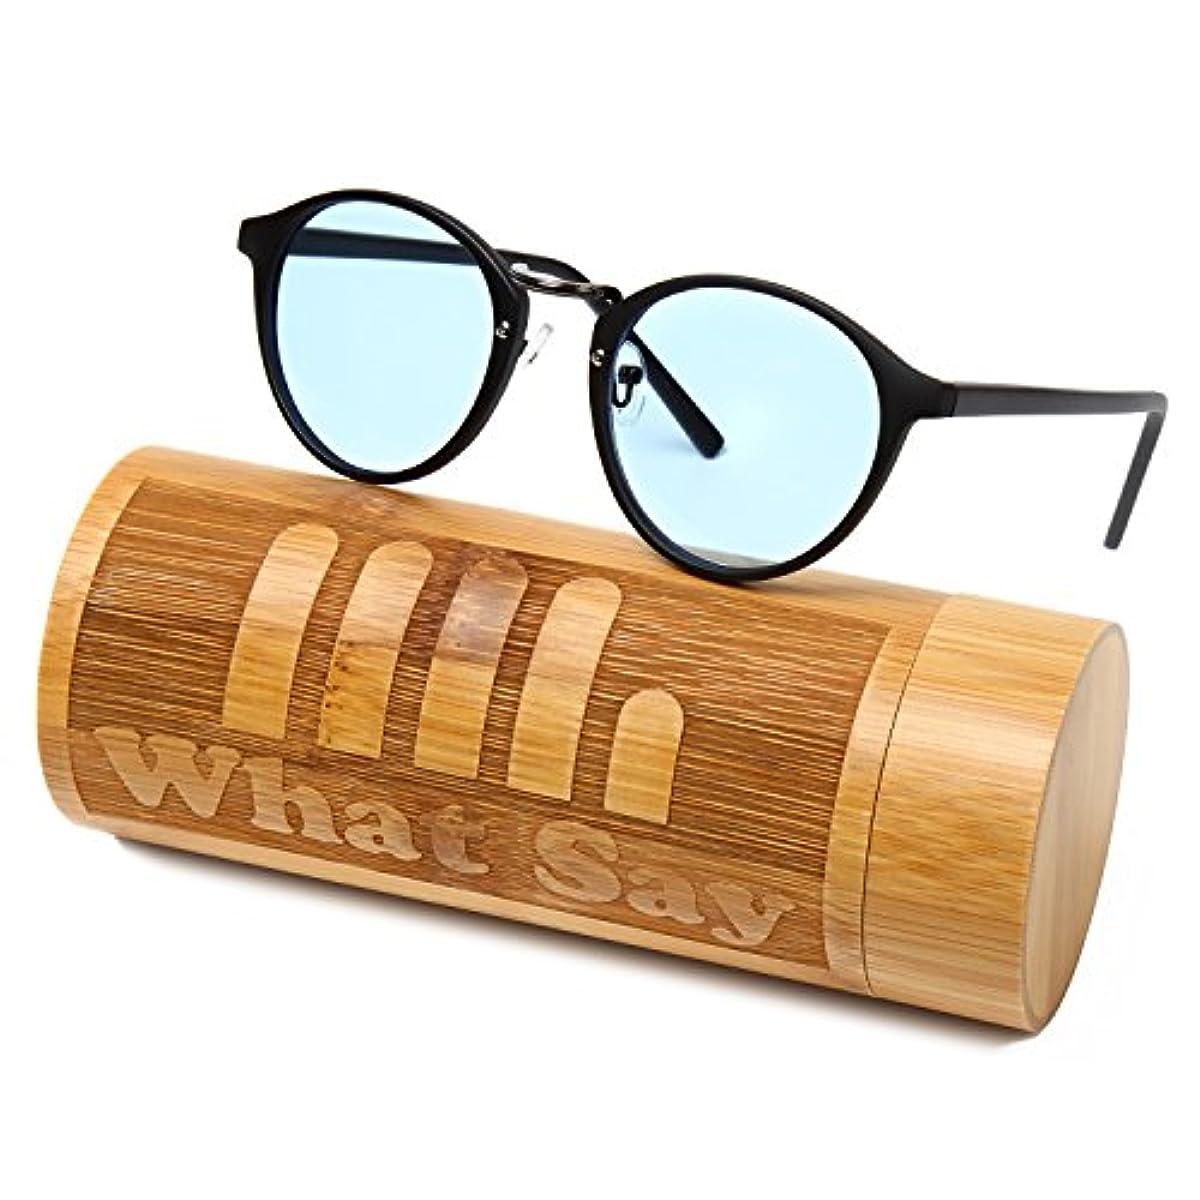 [해외] WHAT SAY 더블 컬러 렌즈 미러 렌즈 썬글라스 클리어 렌즈 다테 안경 전34색 클래식 프레임 트렌드 UV400 맨즈 레이디스 소프트 & 하드 케이스 첨부부